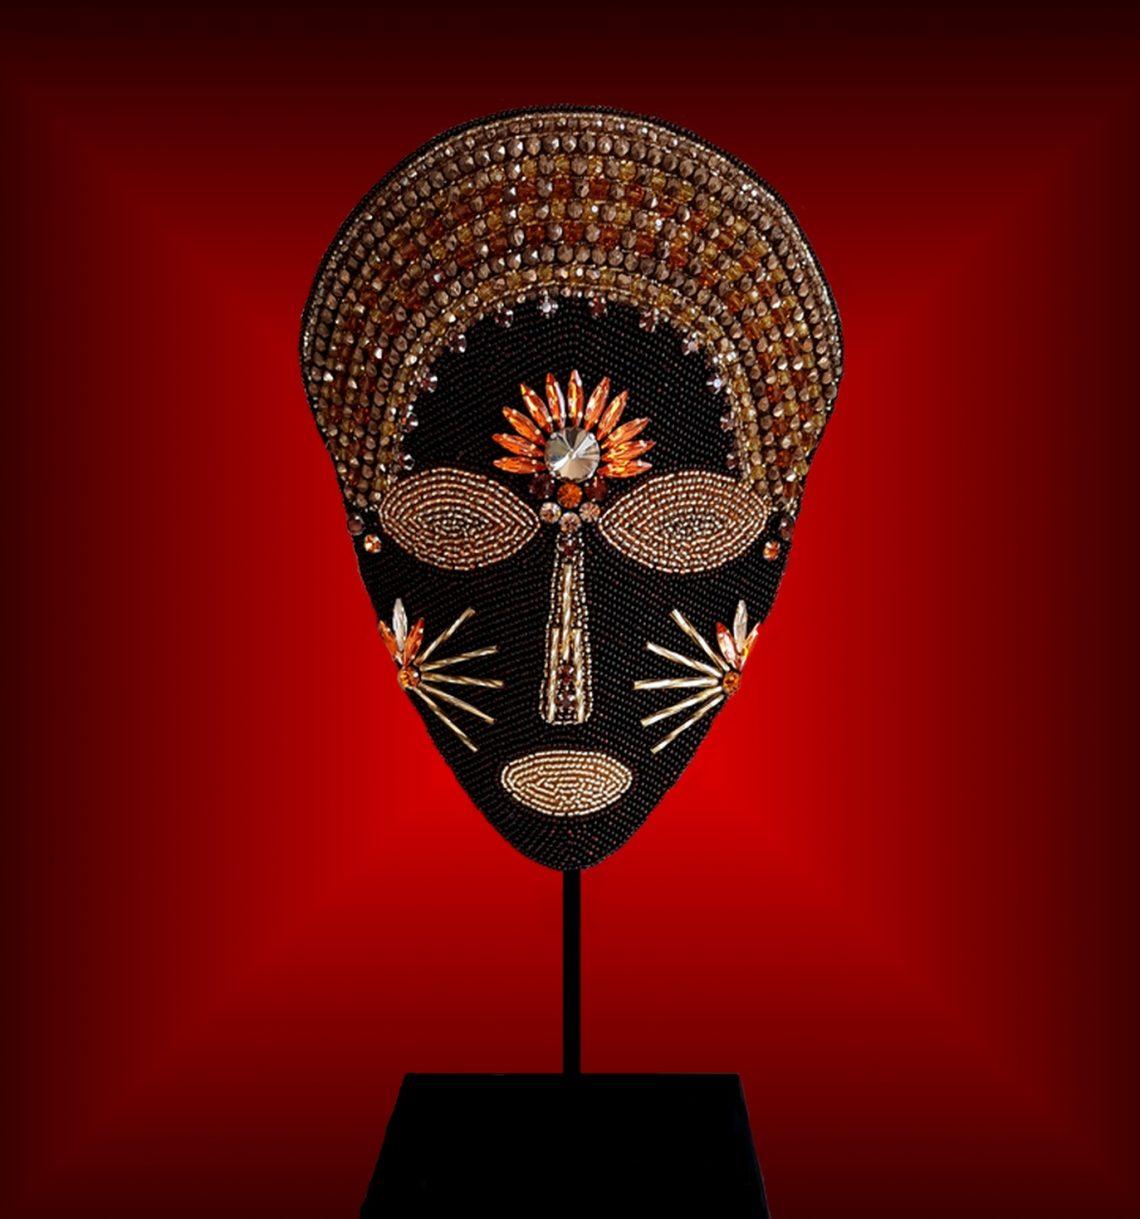 Masque brodé n°39 © Sylune Créations